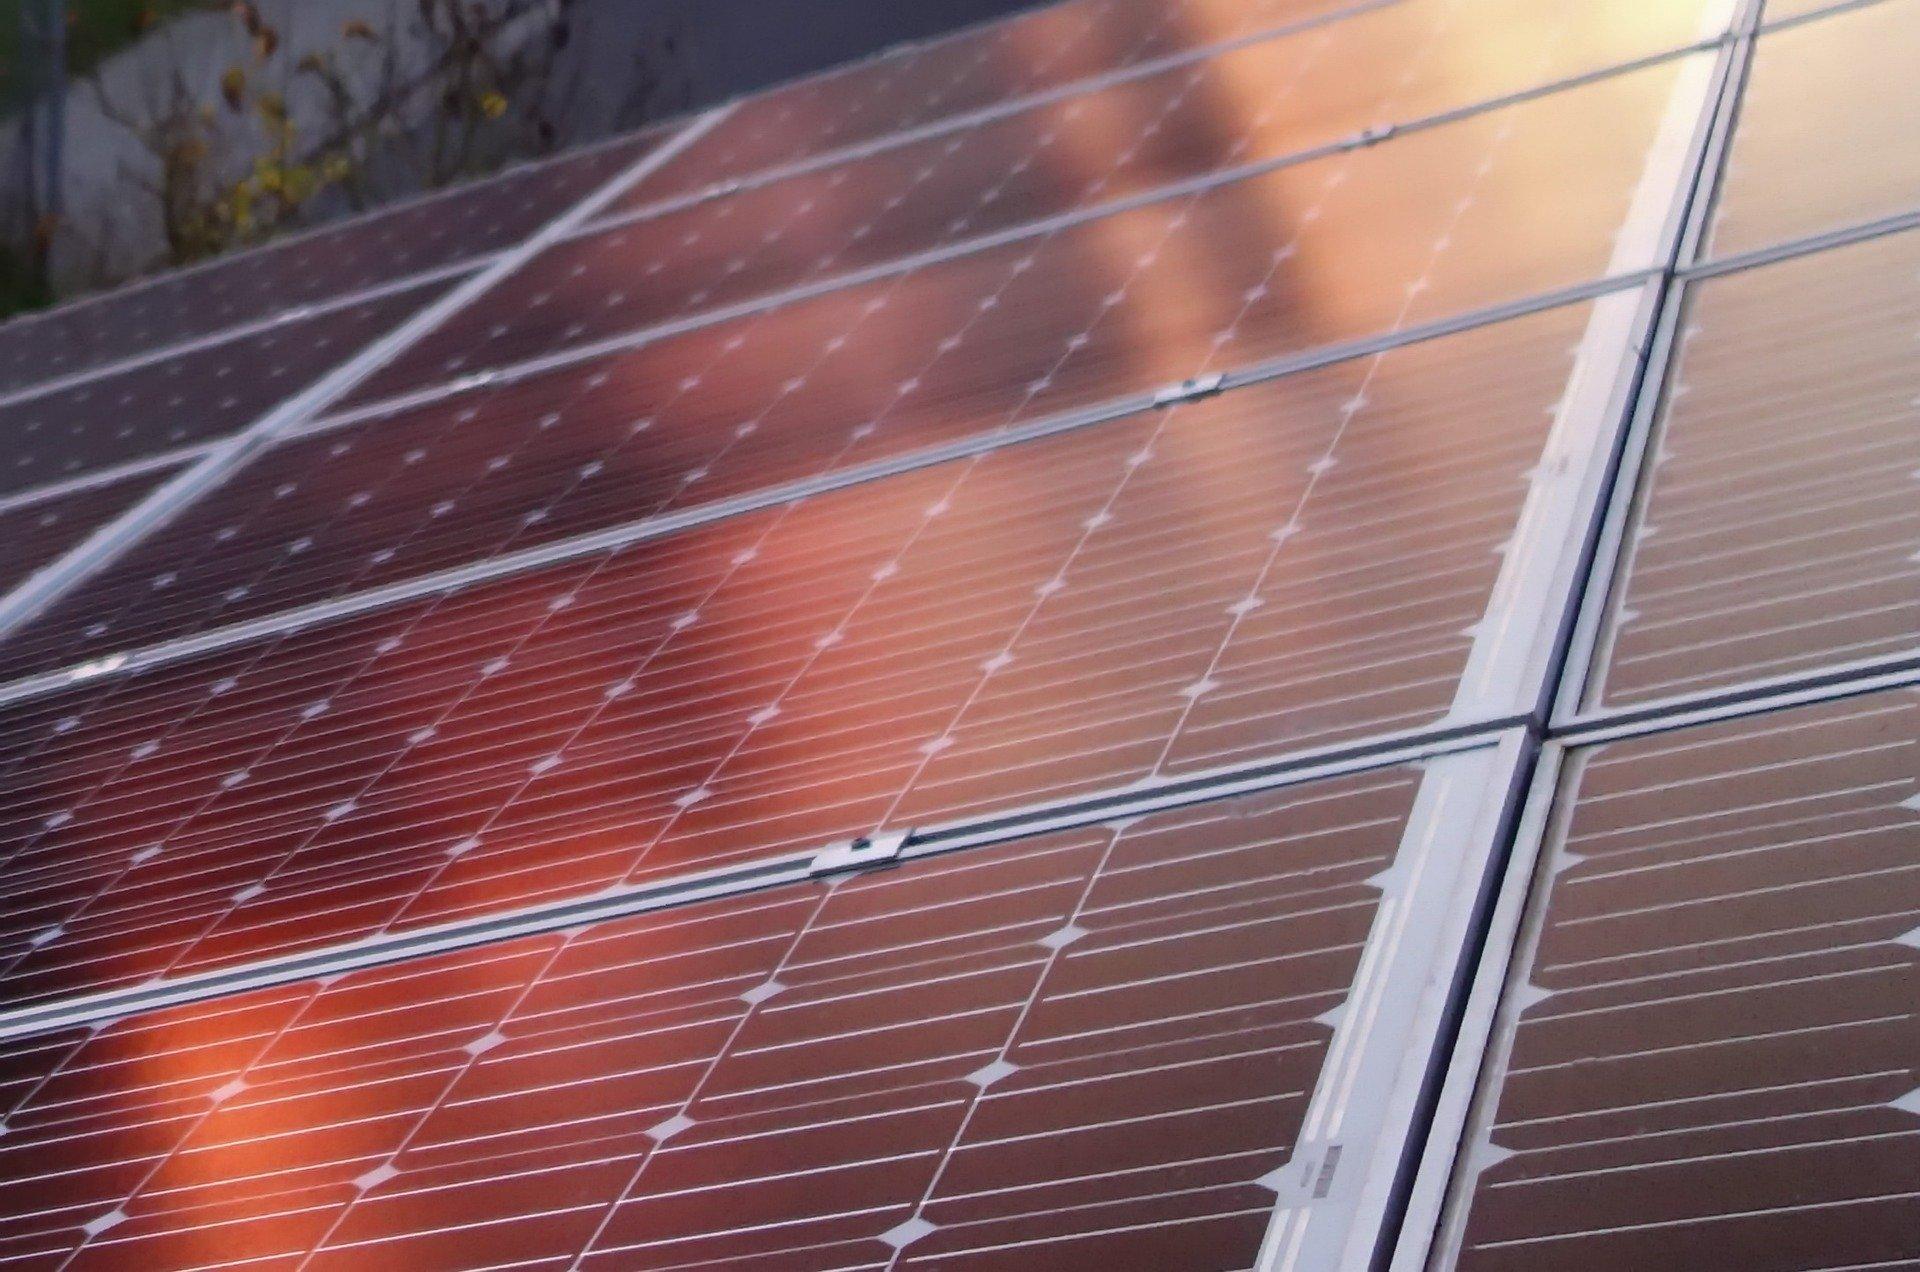 ecobonus 110 impianto fotovoltaico come funziona pannelli solari ecobonus